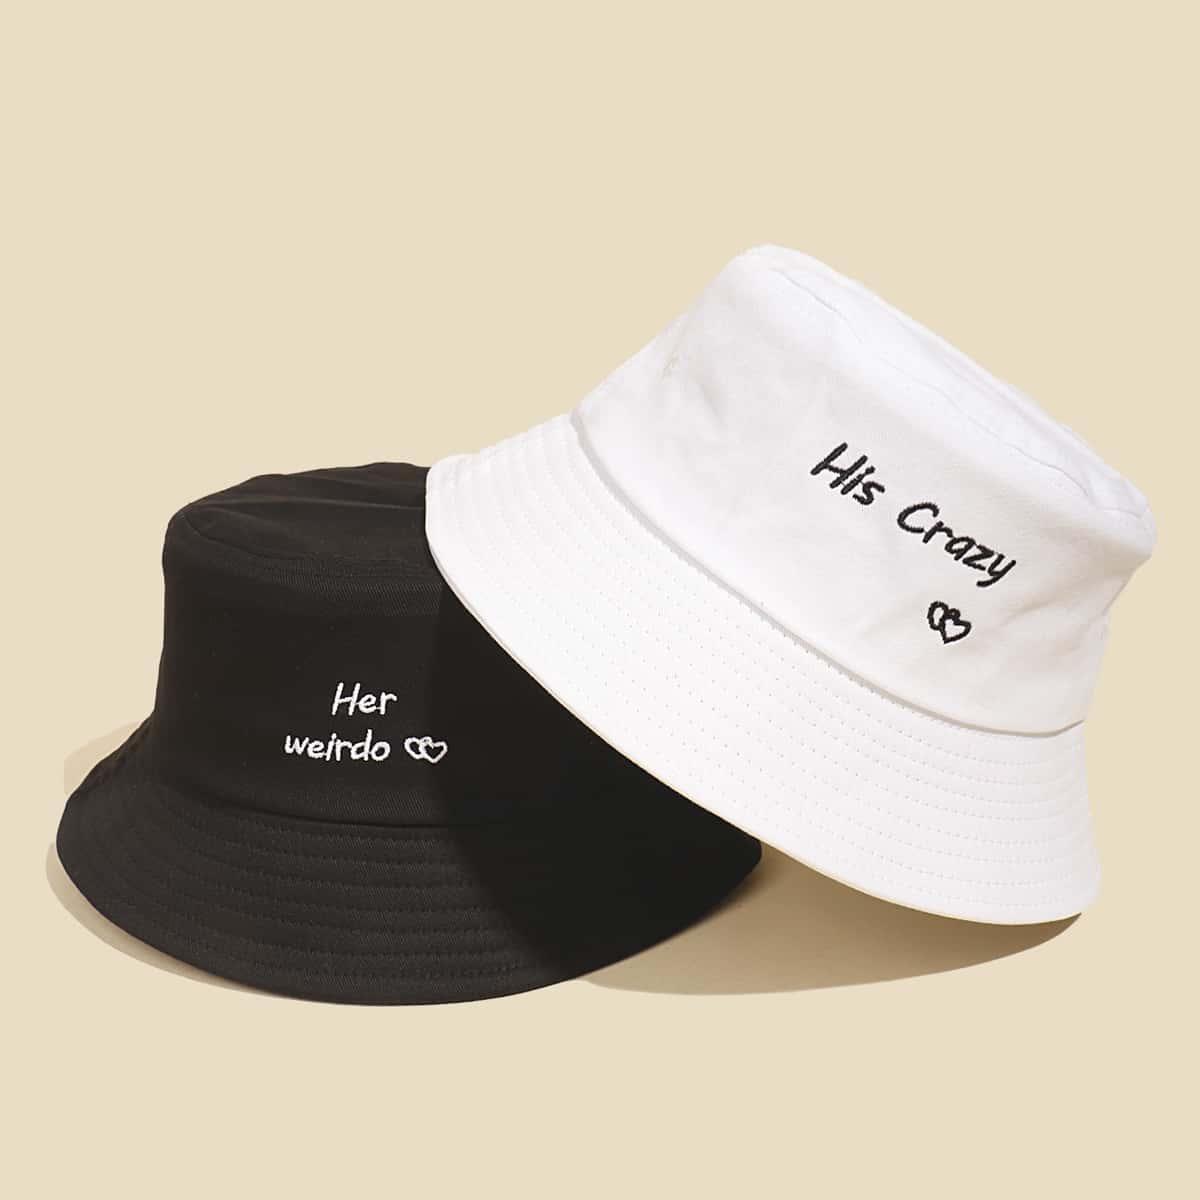 2шт шляпа с текстовой вышивкой